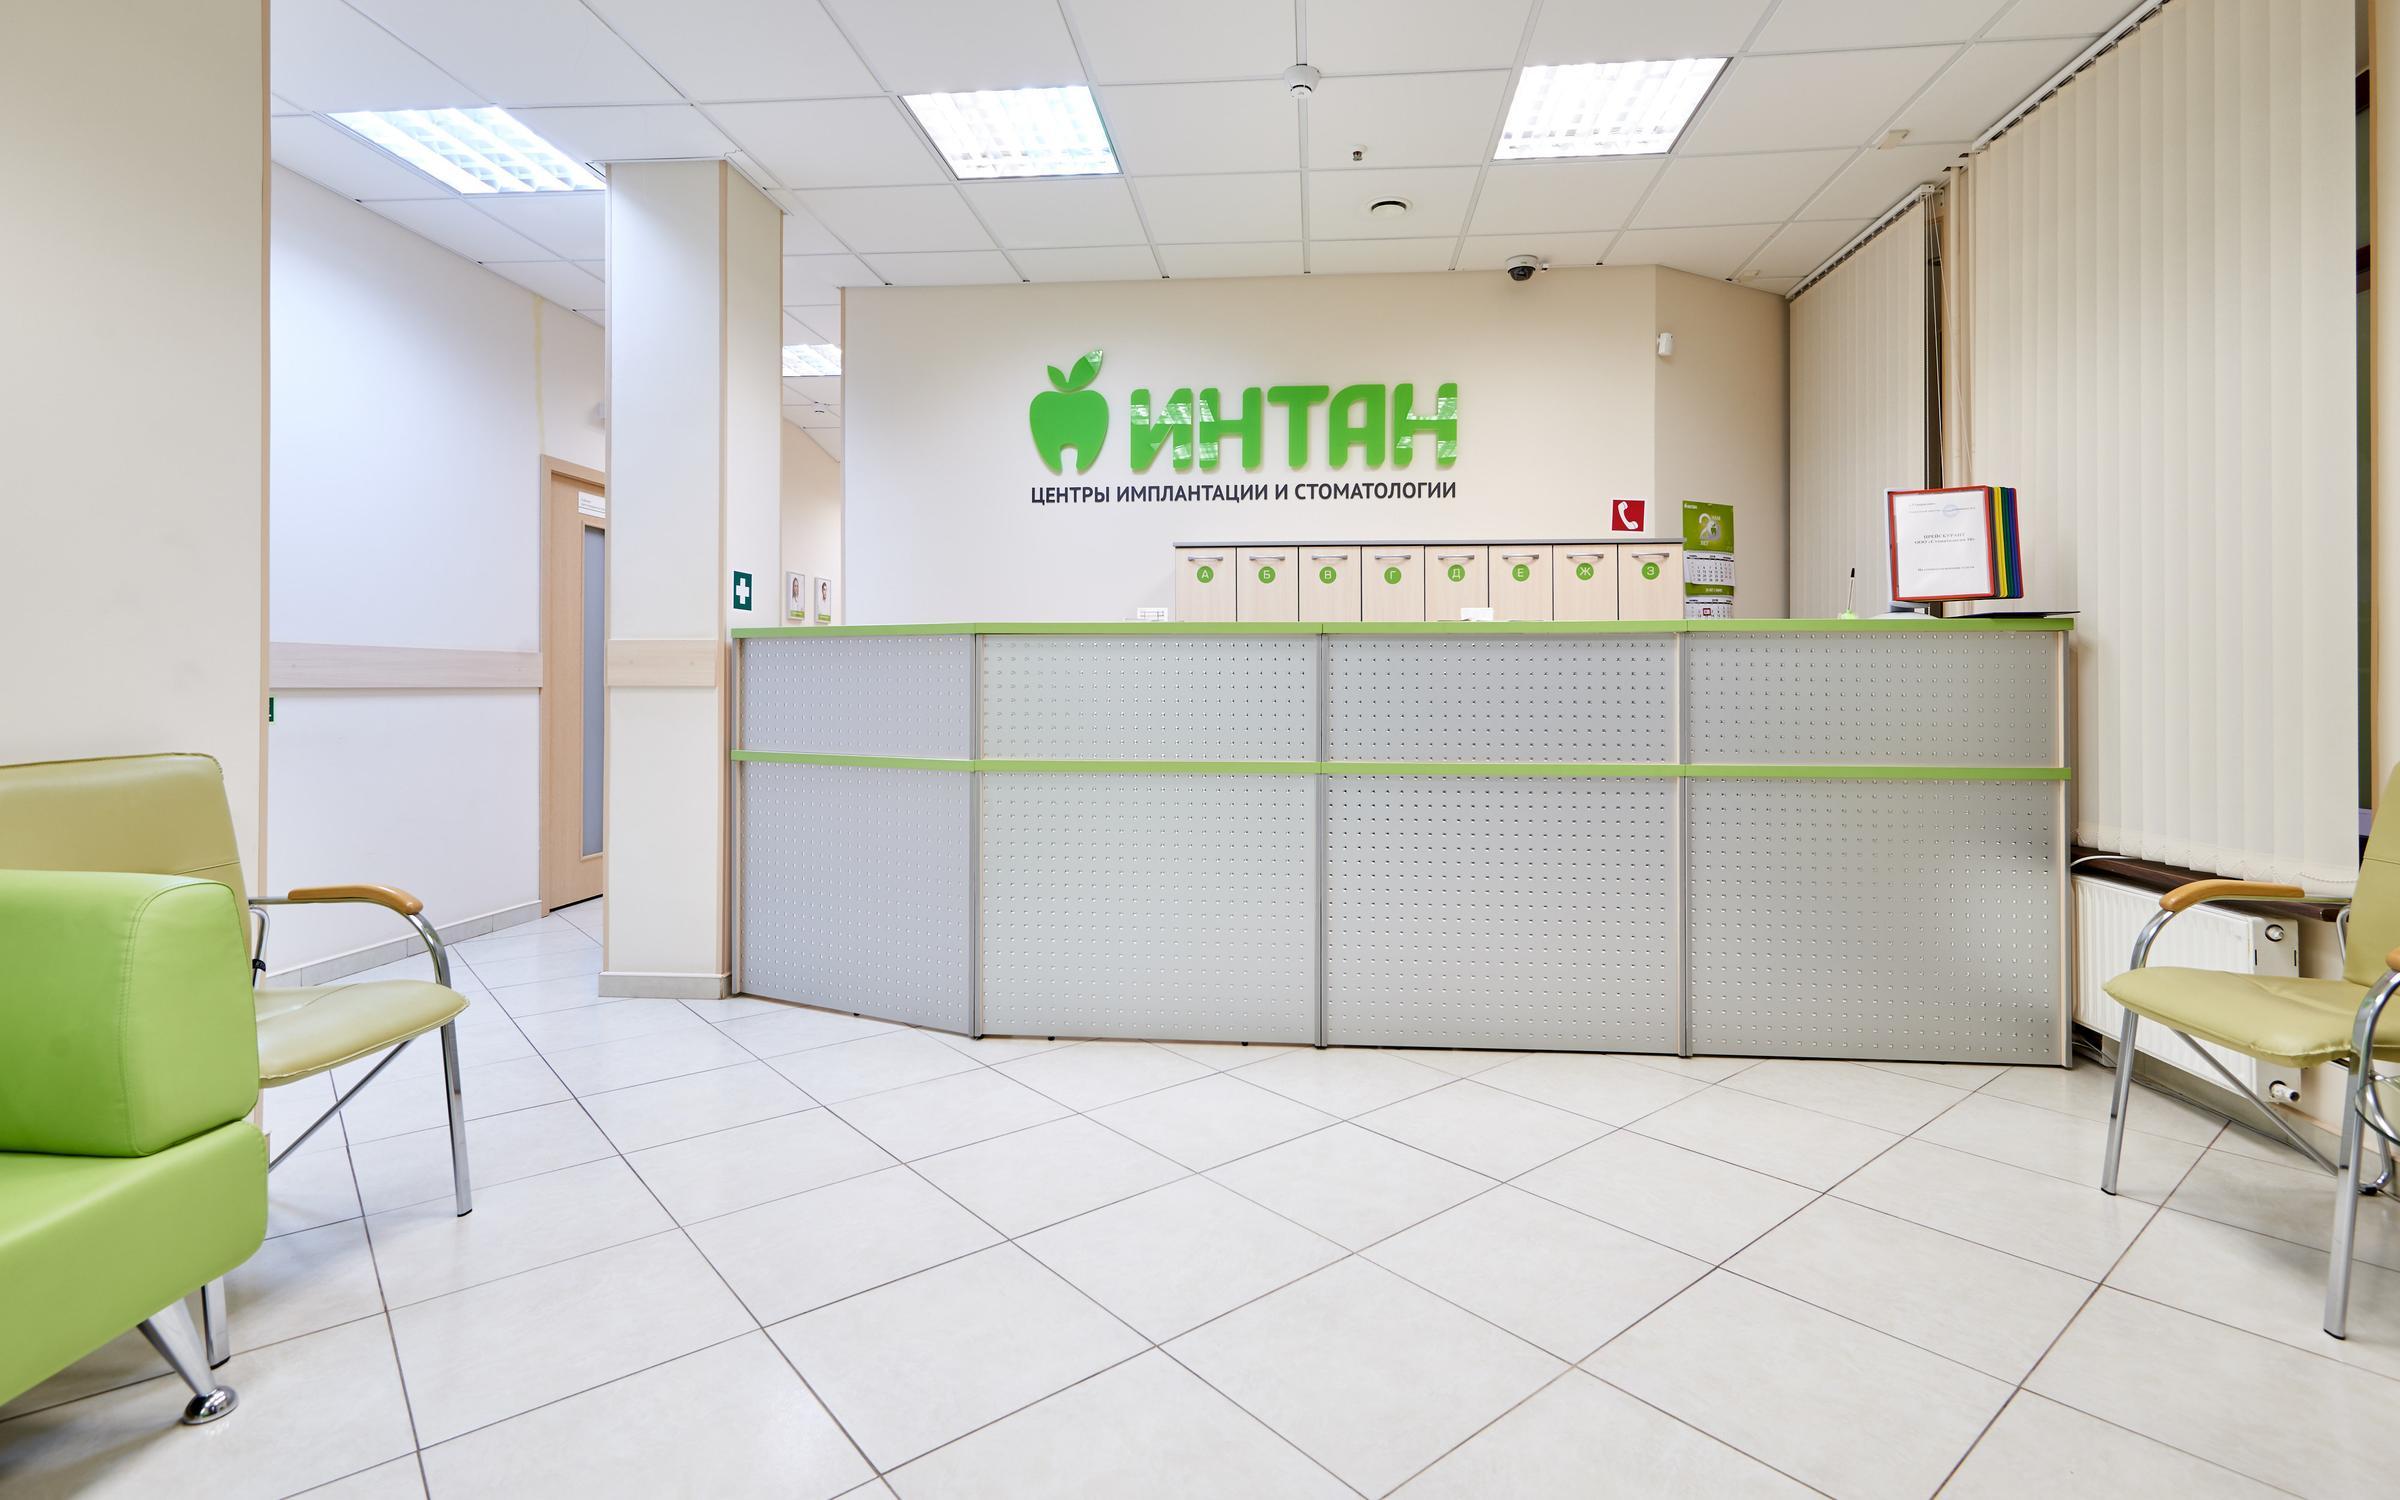 фотография Центра имплантации и стоматологии Интан на Большом проспекте В.О.